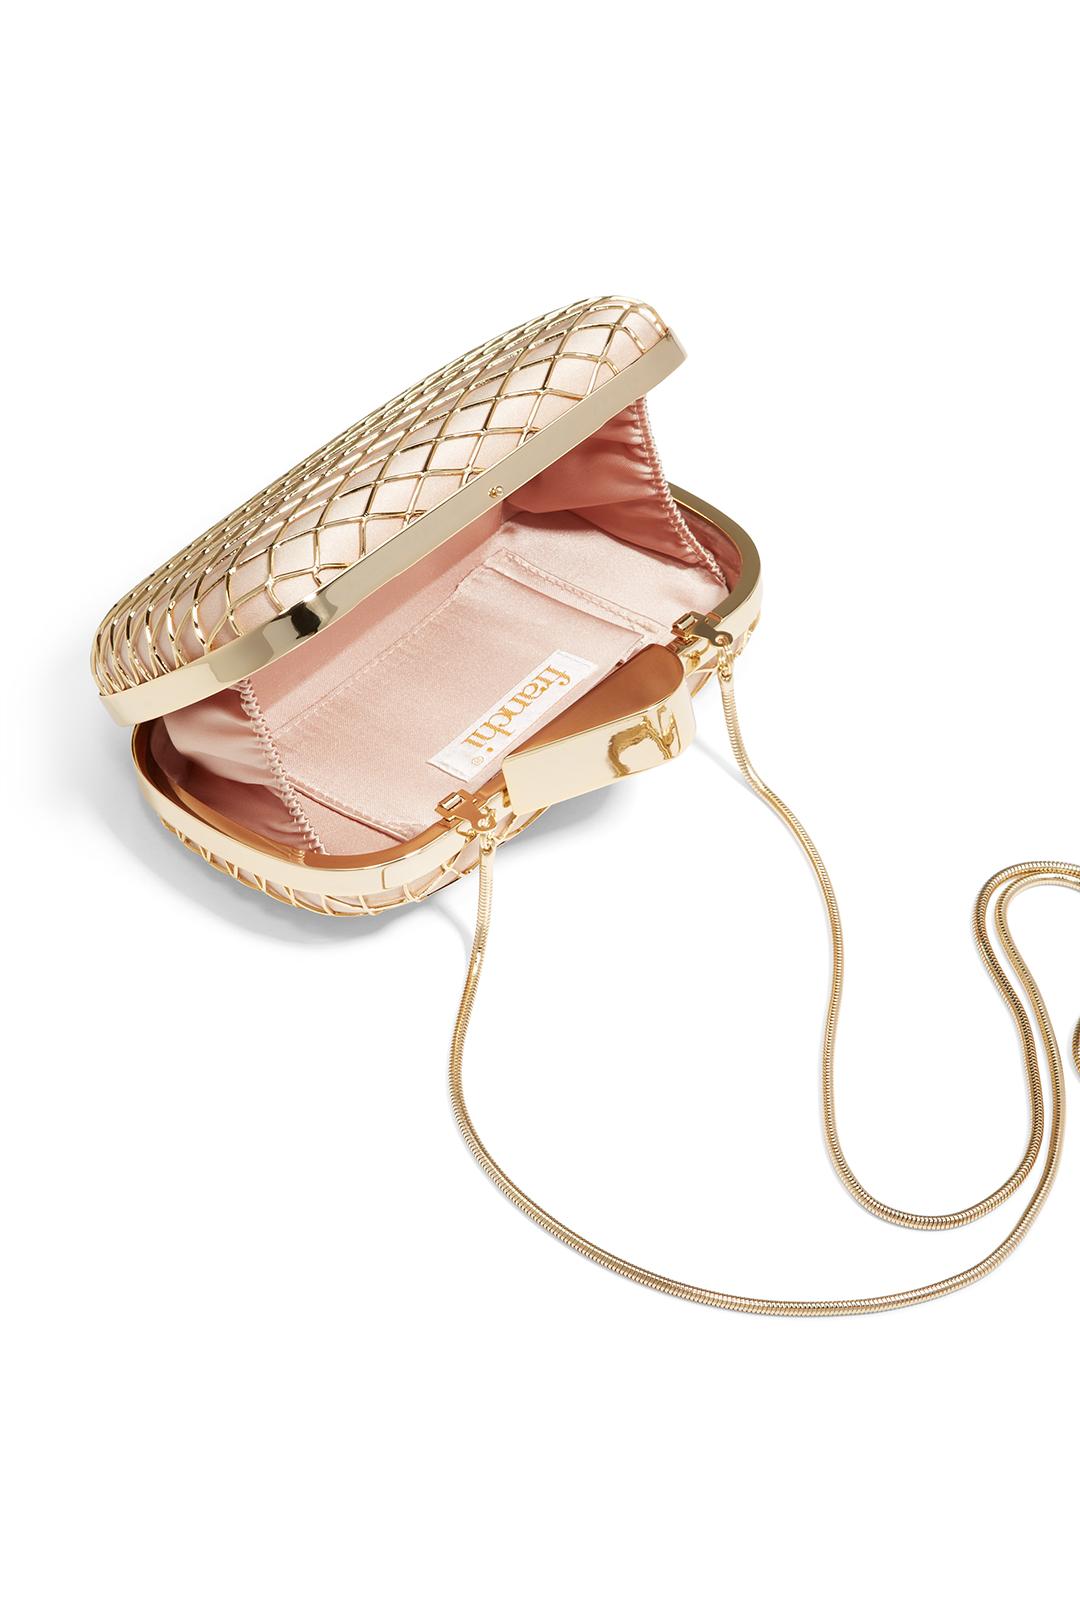 handbag_franchi_champagne_cage_clutch_detail1_1.jpg